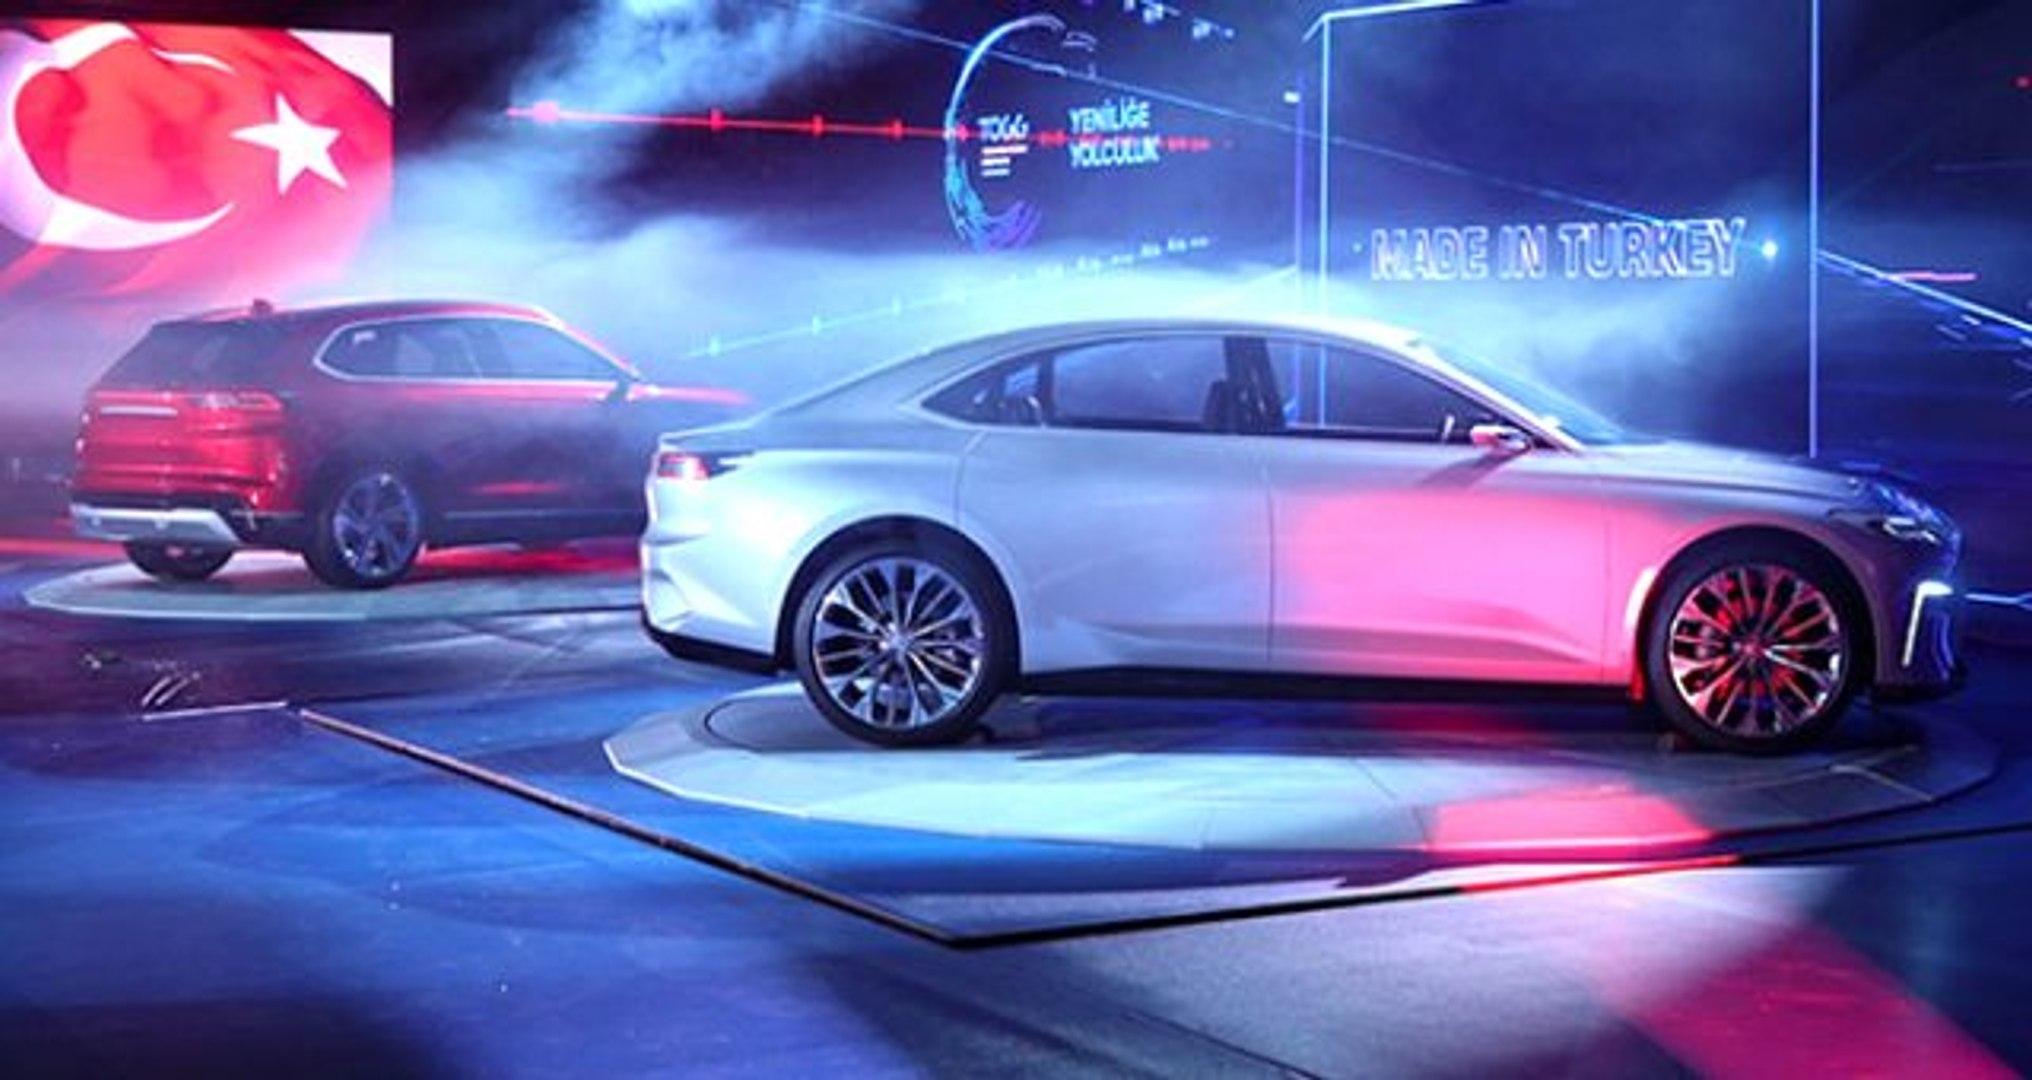 Cumhurbaşkanı Erdoğan, en çok beğendiği yerli otomobil modelini açıkladı